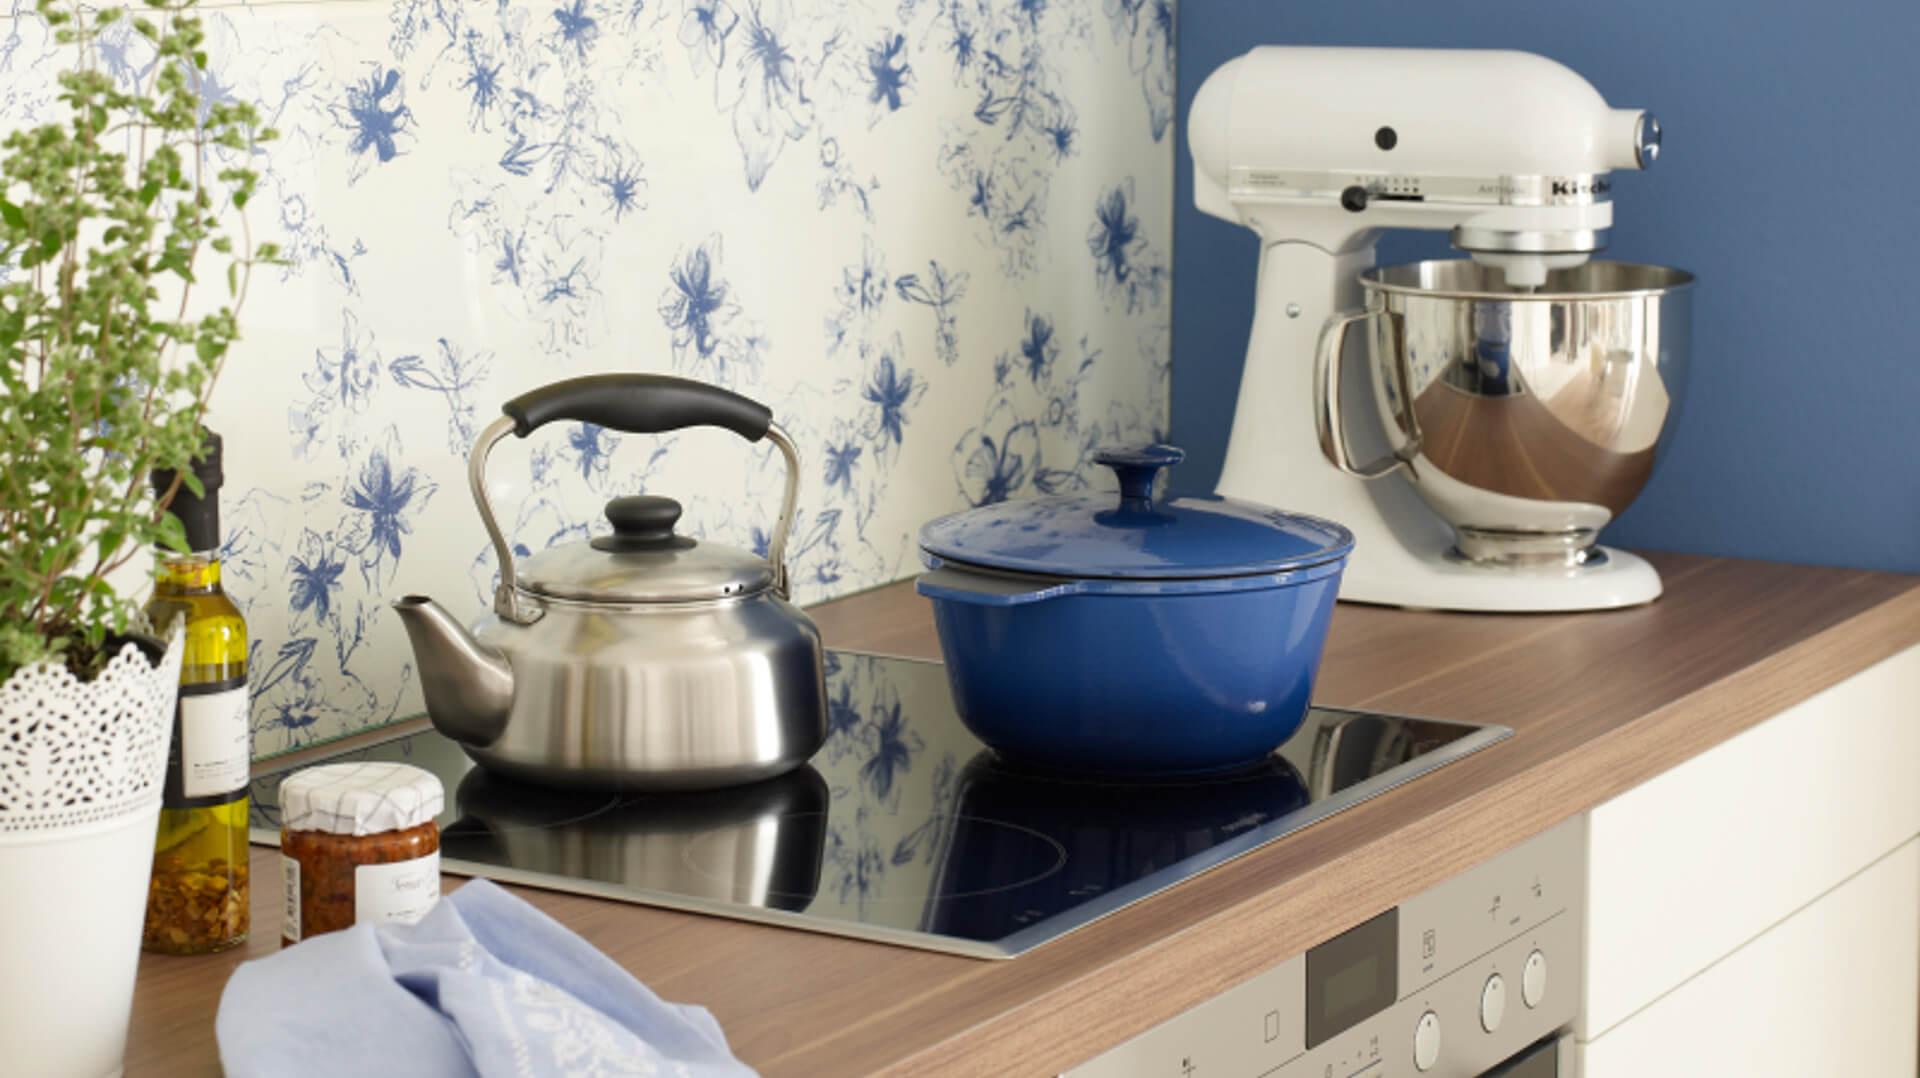 Tipps für funktionale und schöne Küchenrückwände